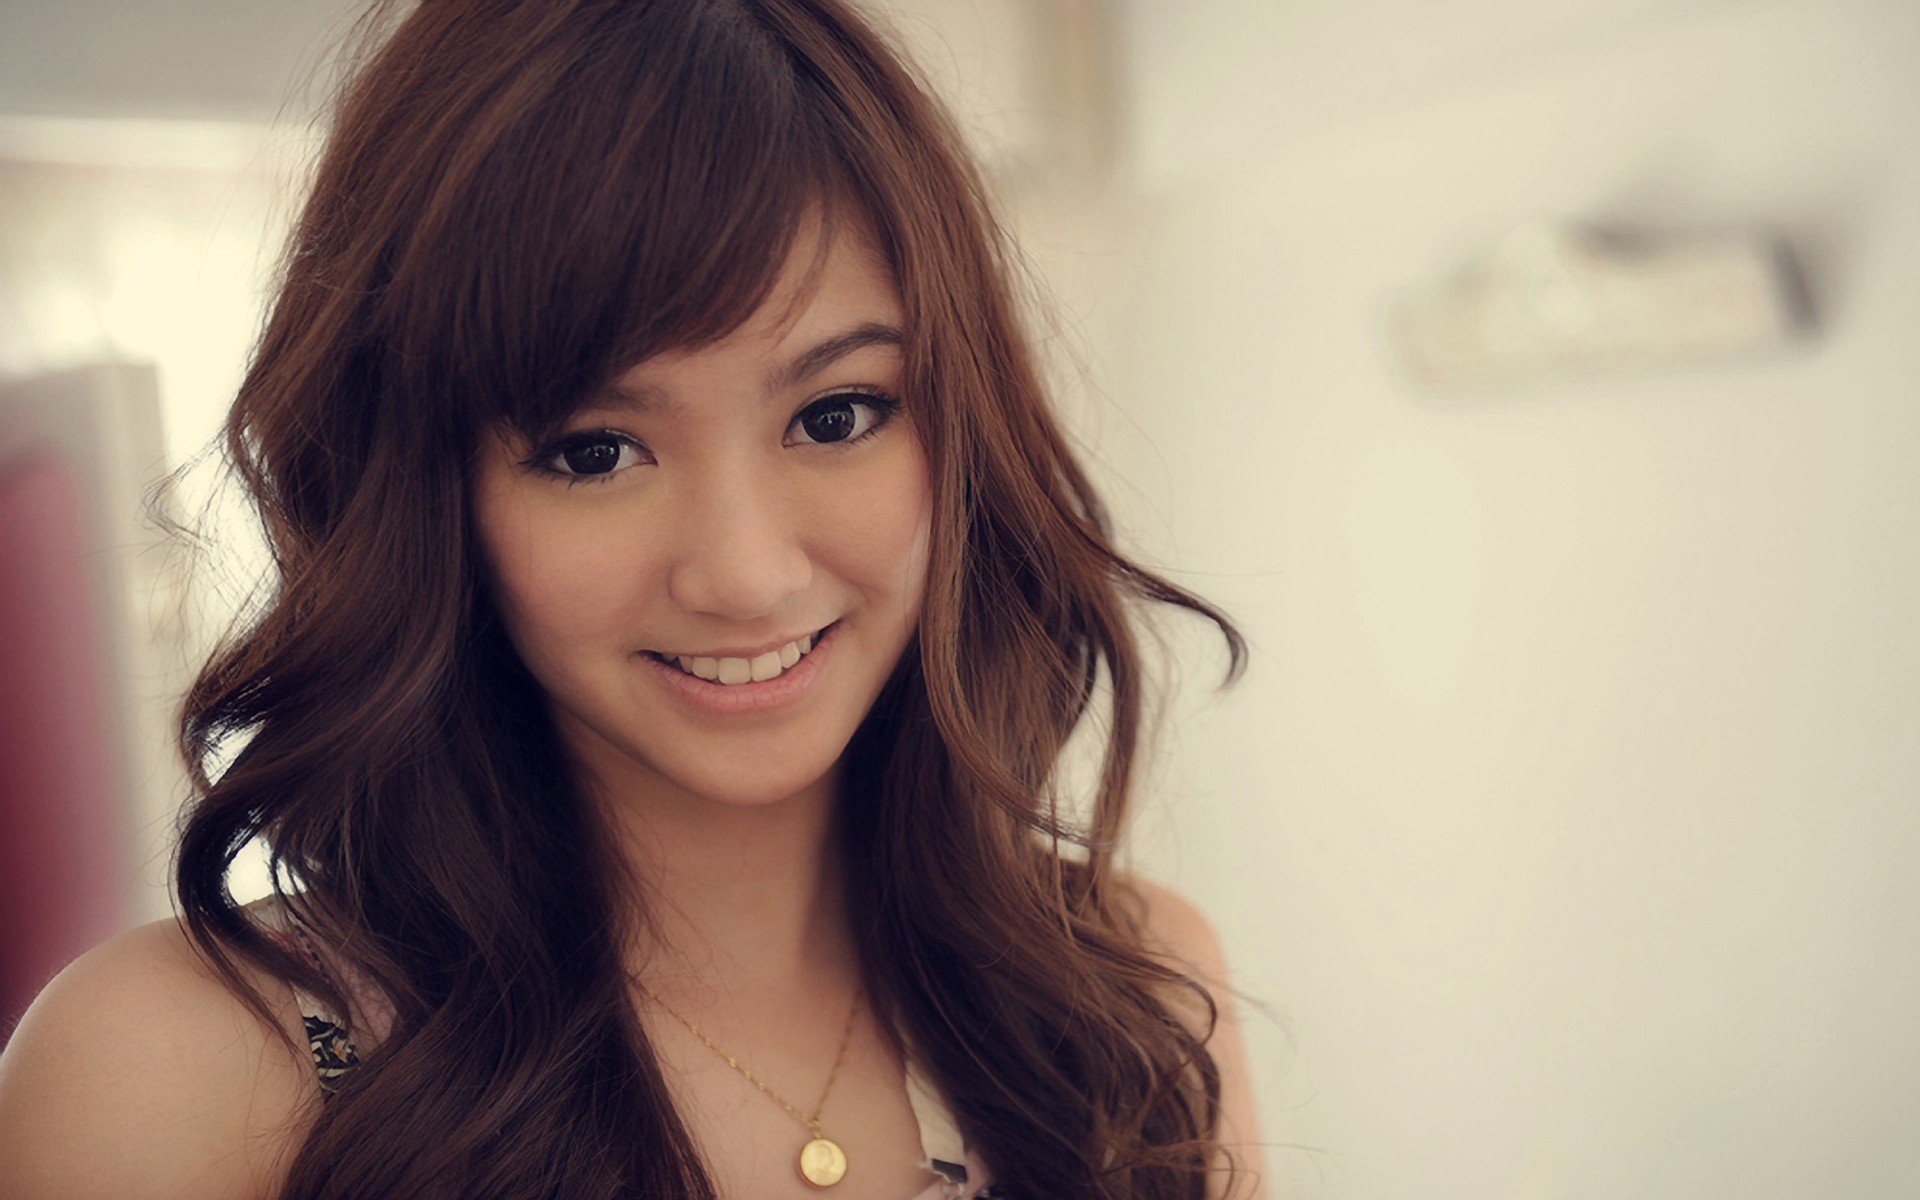 بالصور بنات يابانية , شاهد ارق الفتيات اليابانية 3878 7